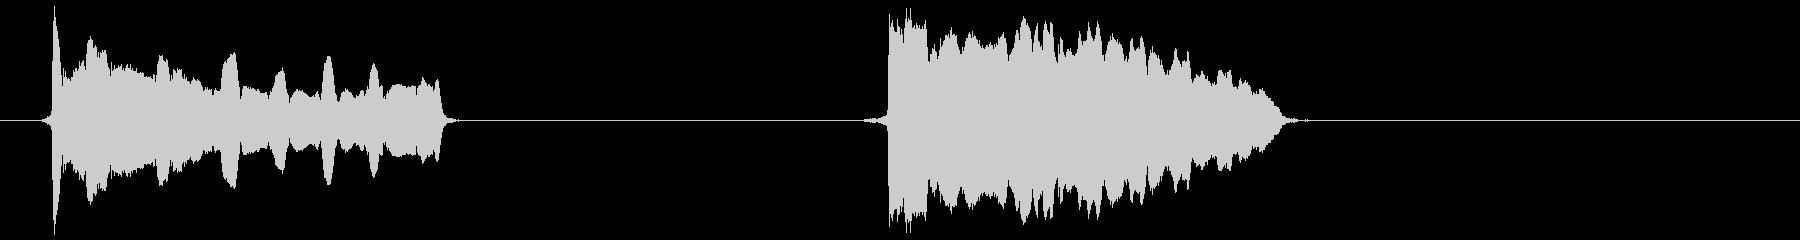 トランペットトリル-2エフェクト;...の未再生の波形